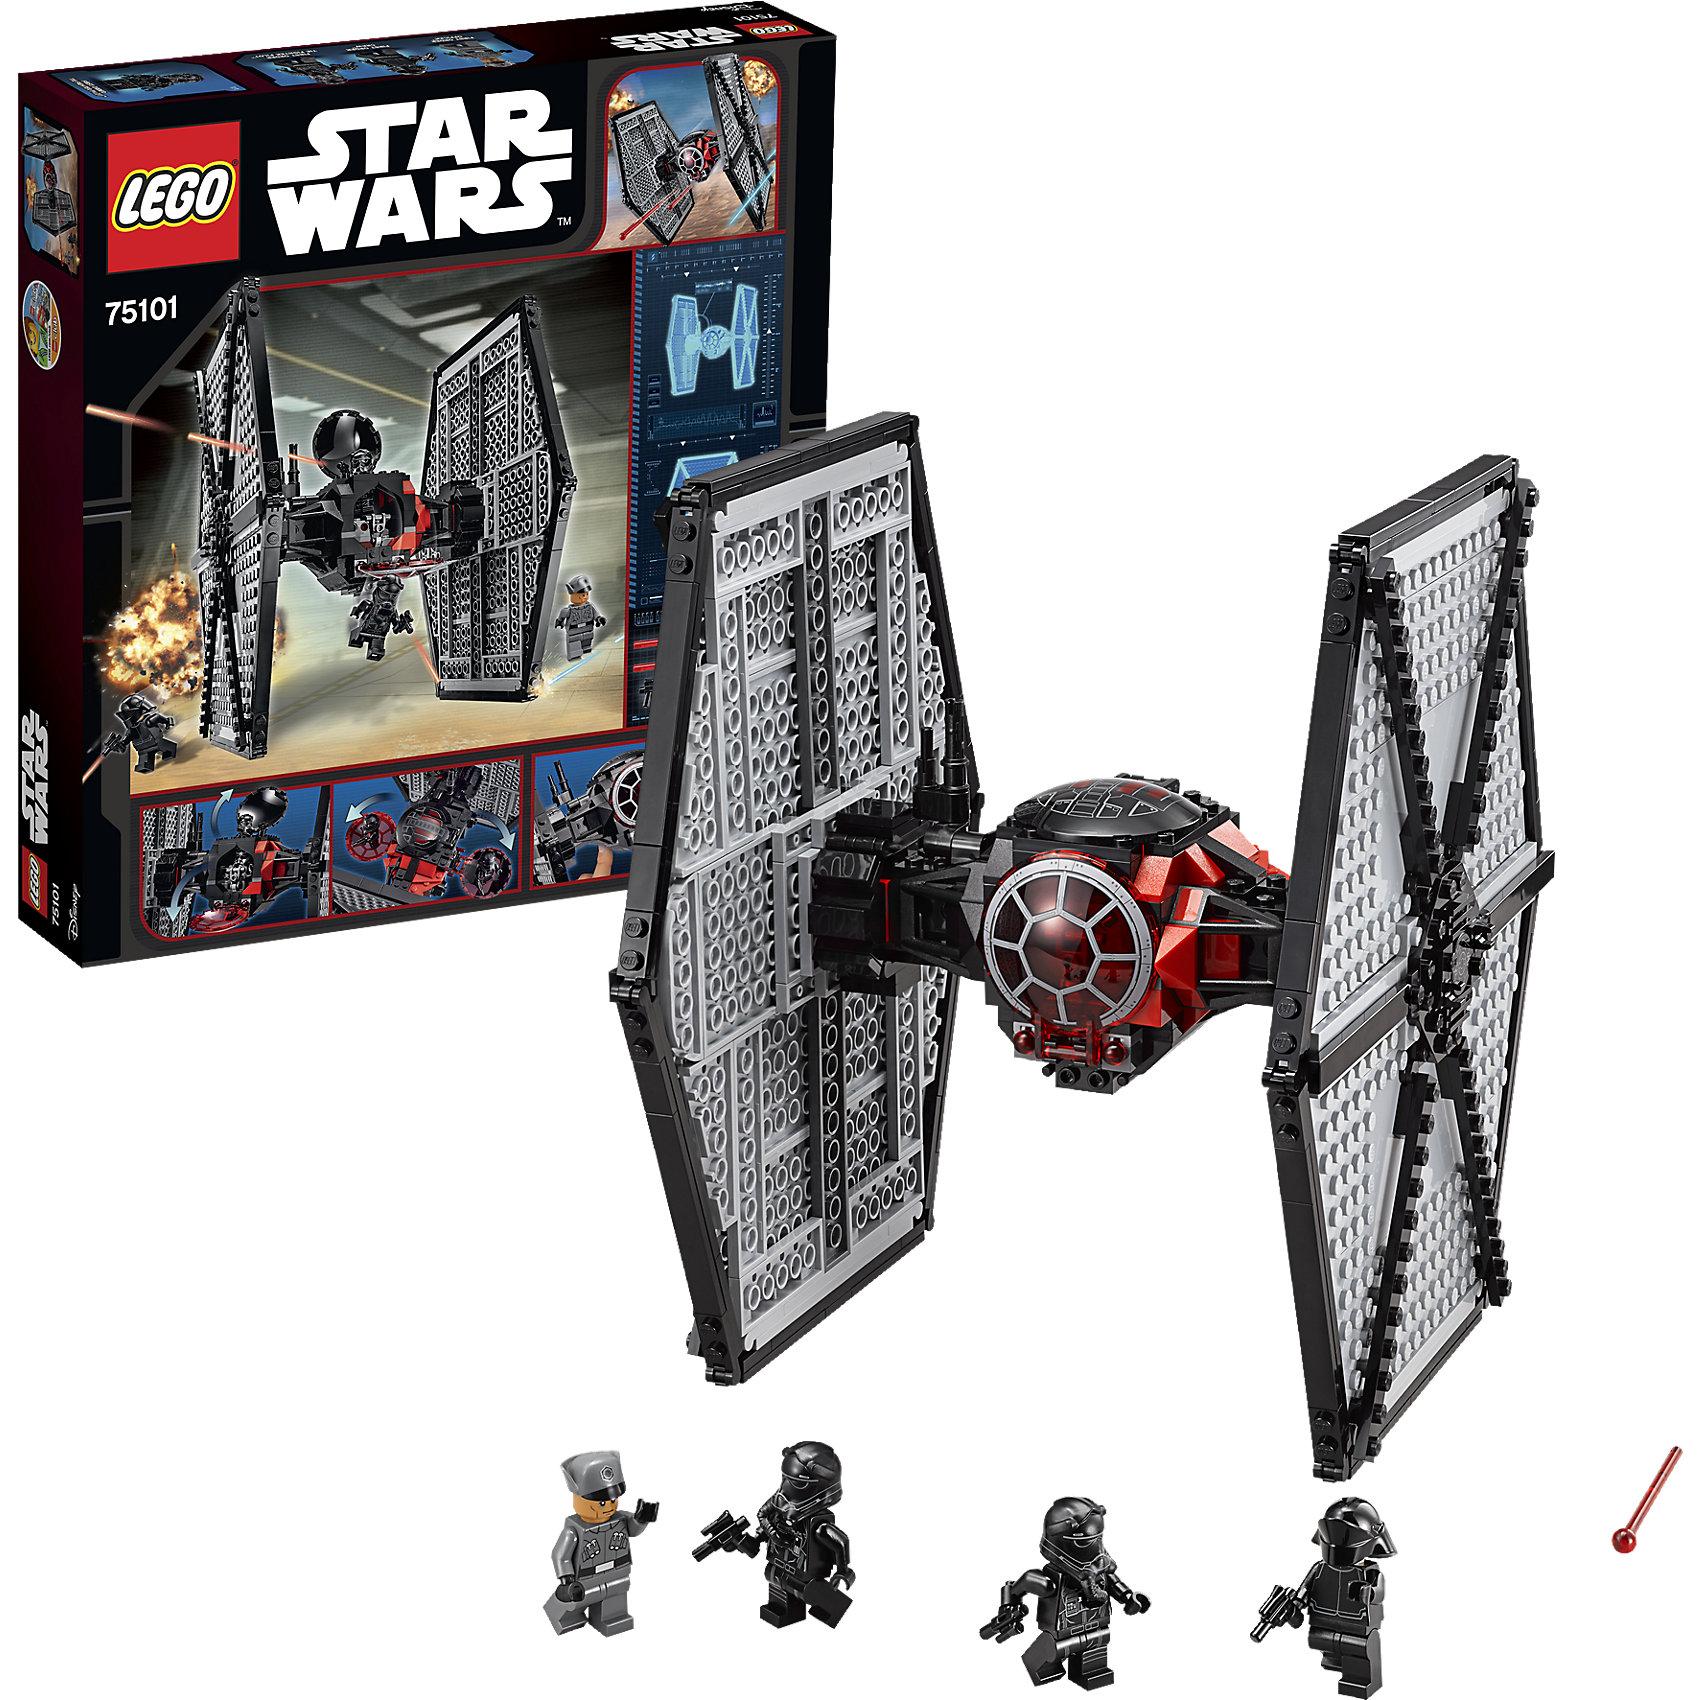 LEGO Star Wars 75101: Истребитель особых войск Первого ОрденаИгрушки<br>LEGO Star Wars (ЛЕГО Звездные Войны) 75101: Истребитель особых войск Первого Ордена – это легендарный корабль-перехватчик, олицетворяющий разрушительную мощь темной стороны! Усовершенствованная и обновленная модификация истребителя имперских войск оснащена сдвоенным ионным двигателем, использующим энергию света звёзд, двумя мощными скорострельными пушками и вращающейся антенной для выслеживания вражеских кораблей. Внутри цилиндрической кабины с двумя люками помещается 2 пилота межгалактических войск Первого Ордена.<br><br>Комплектация: 517 деталей, 4 минифигурки: 2 пилота истребителя Первого Ордена, офицер Первого Ордена и команда Первого Ордена<br><br>Дополнительная информация:<br>-Серия: Звездные войны<br>-Размер в упаковке: 7,1x35,5x38 см<br>-Вес в упаковке: 900 г<br>-Количество деталей: 517 шт.<br>-Материалы: пластик<br><br>Эта замечательная модель  истребителя позволит тебе воссоздать лучшие моменты фильма «Звёздные Войны: Пробуждение Силы»!<br><br>LEGO Star Wars (ЛЕГО Звездные Войны) 75101: Истребитель особых войск Первого Ордена можно купить в нашем магазине.<br><br>Ширина мм: 377<br>Глубина мм: 355<br>Высота мм: 73<br>Вес г: 876<br>Возраст от месяцев: 96<br>Возраст до месяцев: 144<br>Пол: Мужской<br>Возраст: Детский<br>SKU: 4047423